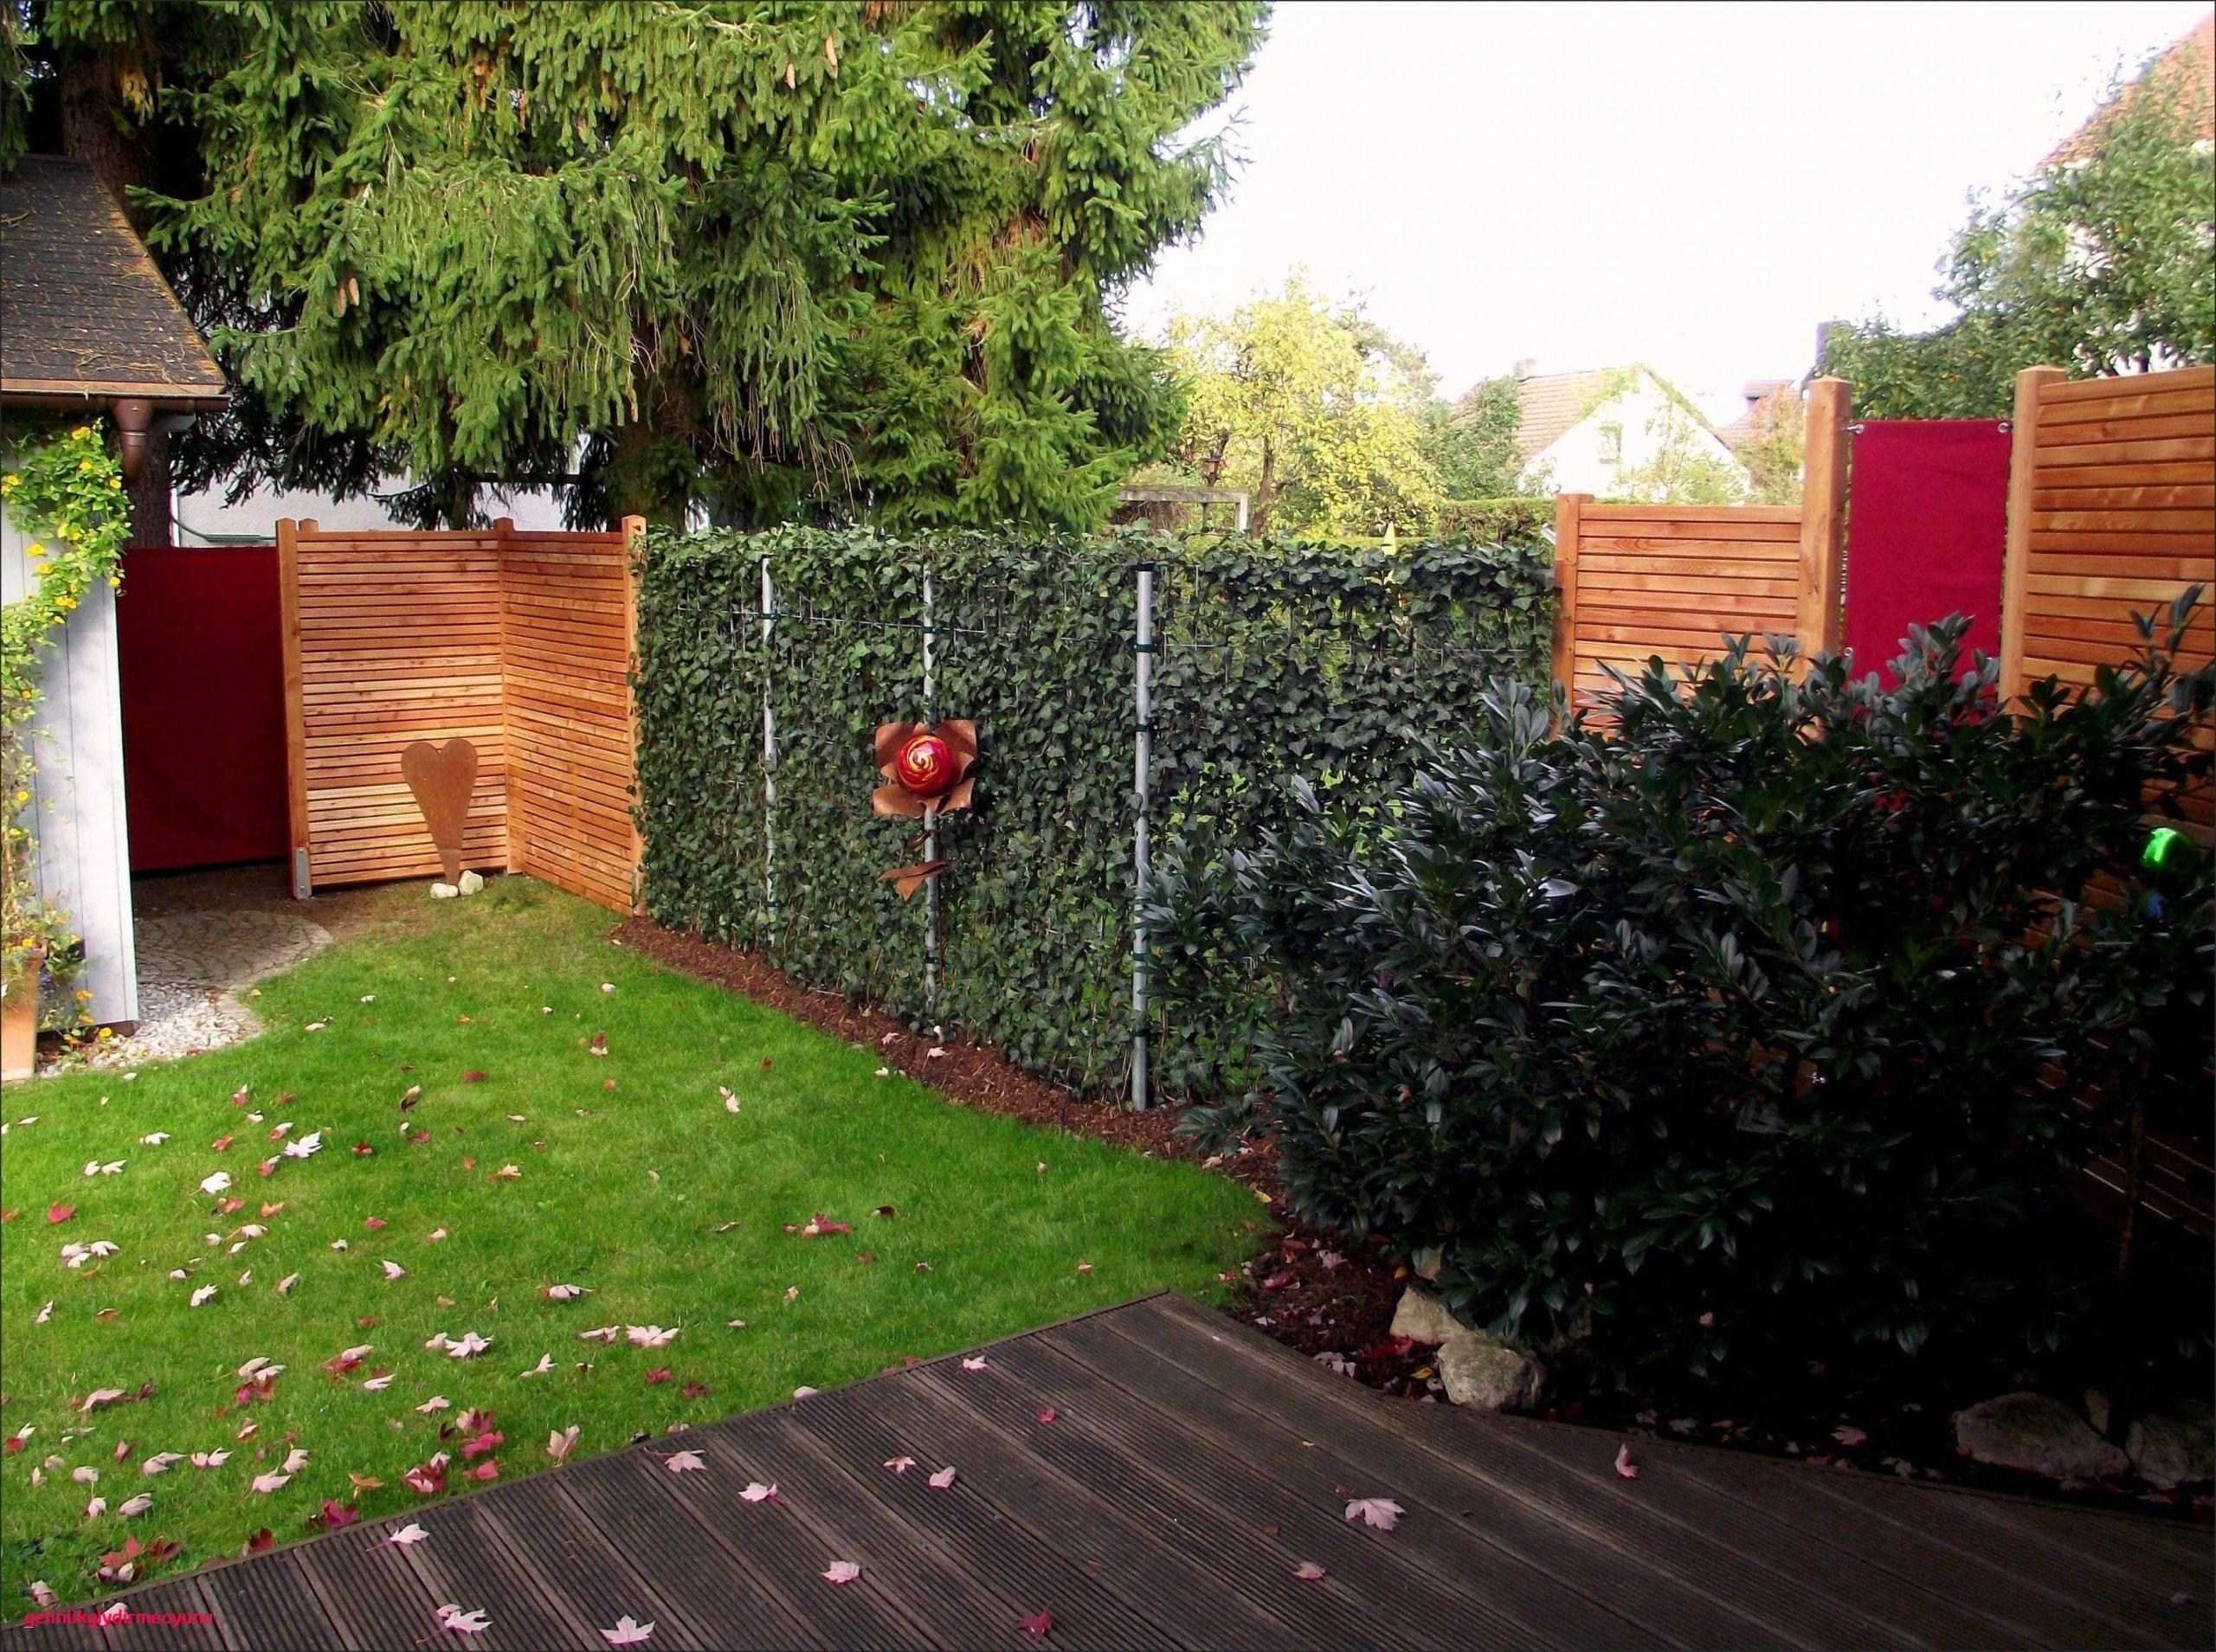 42 schon vorgarten gestalten pflegeleicht modern pic vorgarten gestalten nordseite vorgarten gestalten nordseite 2